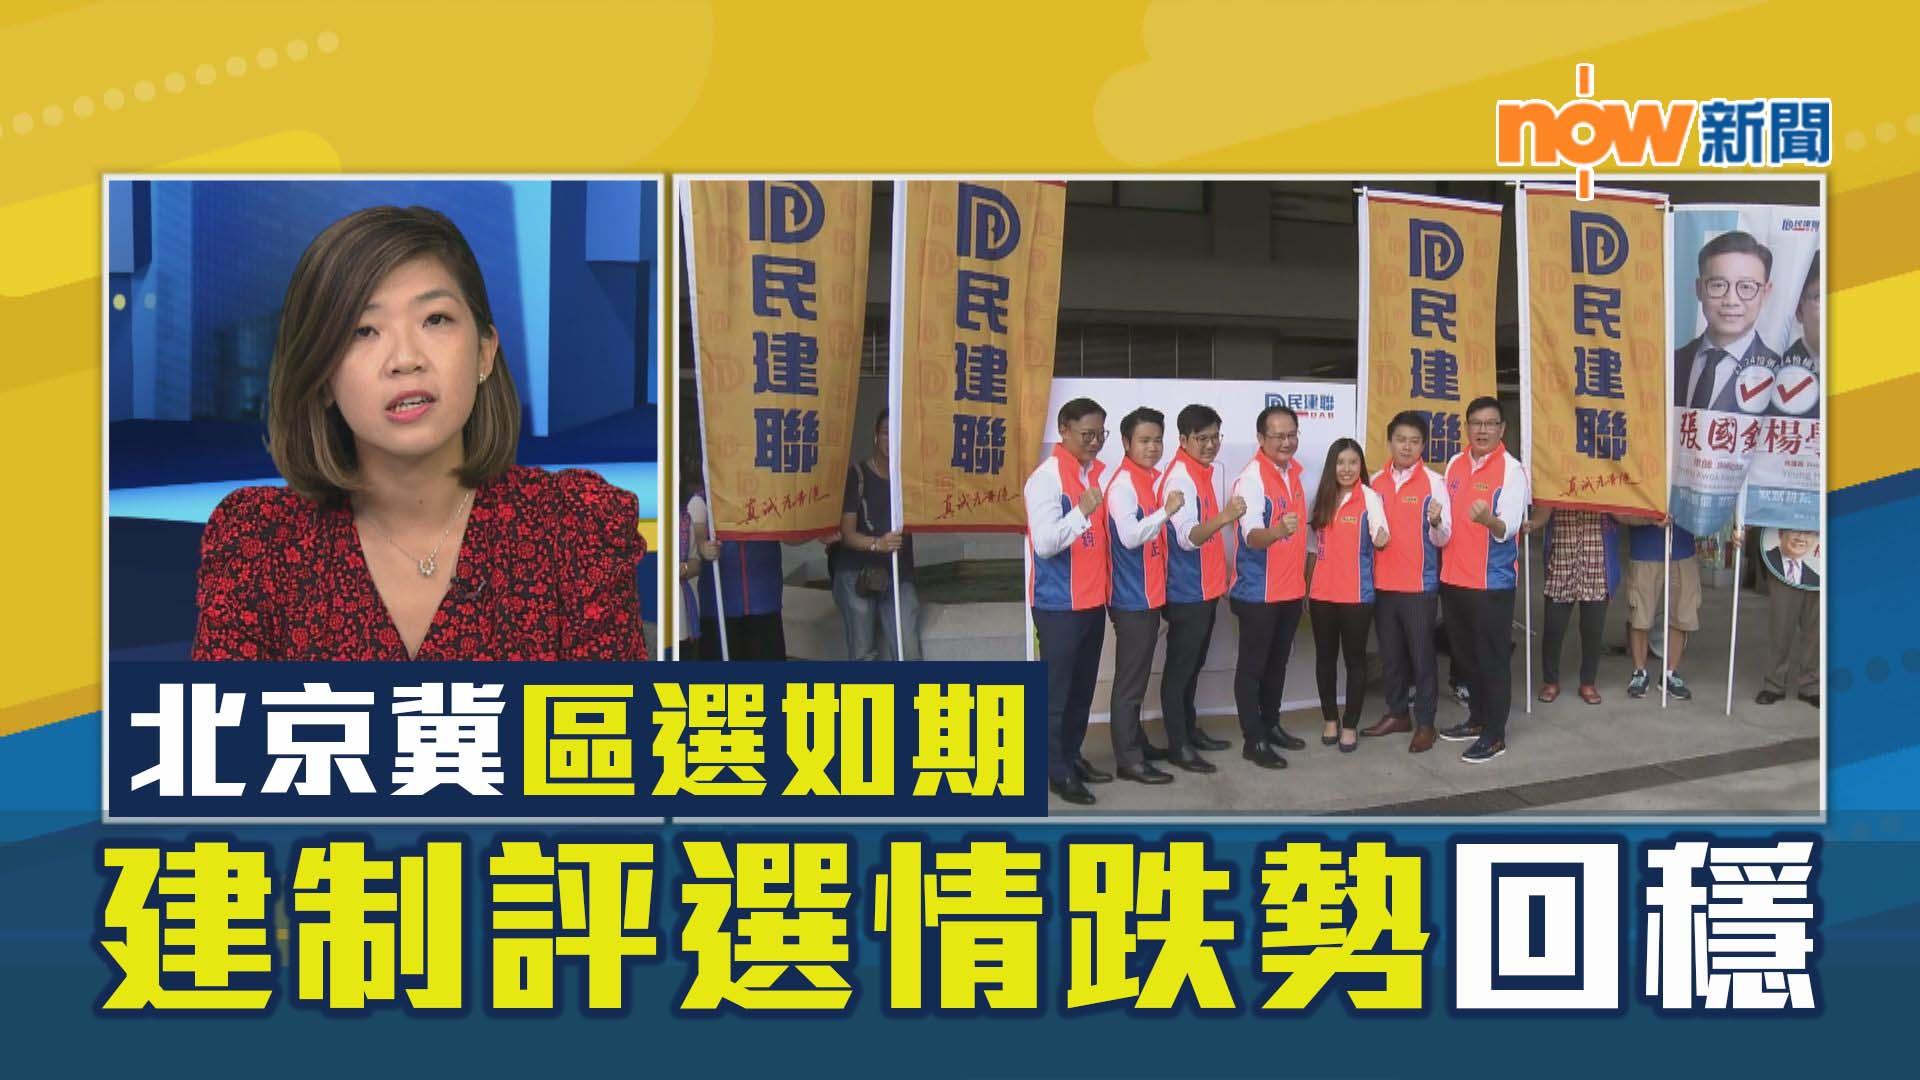 【政情】北京冀區選如期 建制評選情跌勢回穩